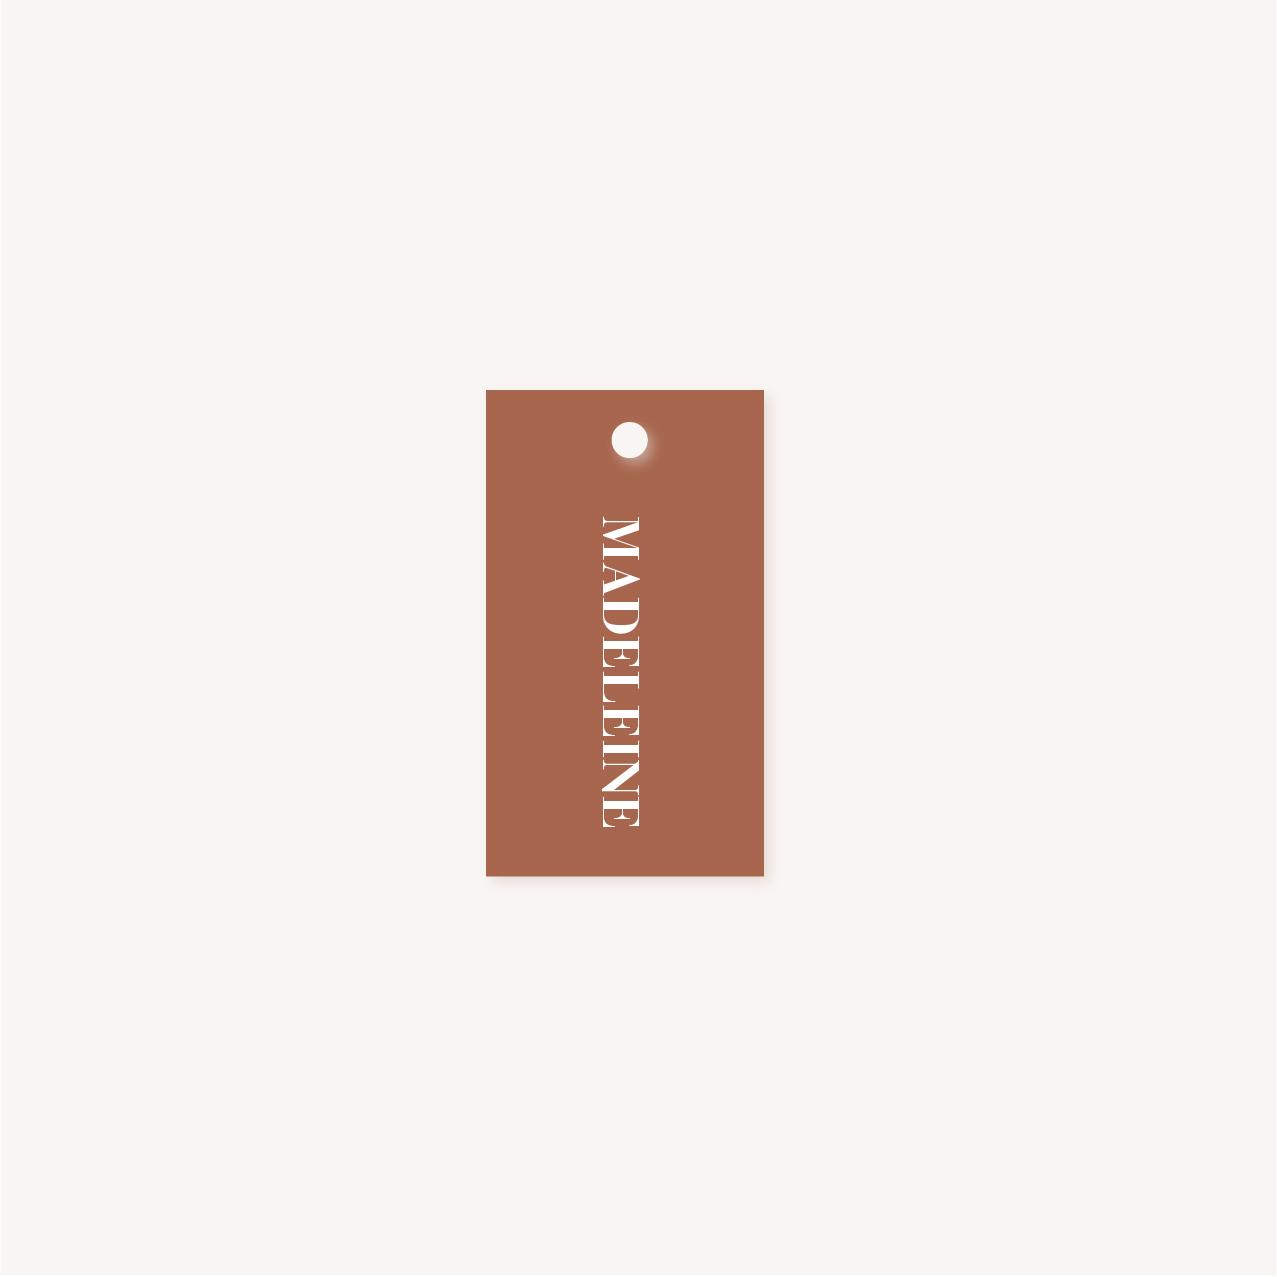 Étiquette nom terracotta mariage abstrait boho sahara couleur sable terracotta beige désert